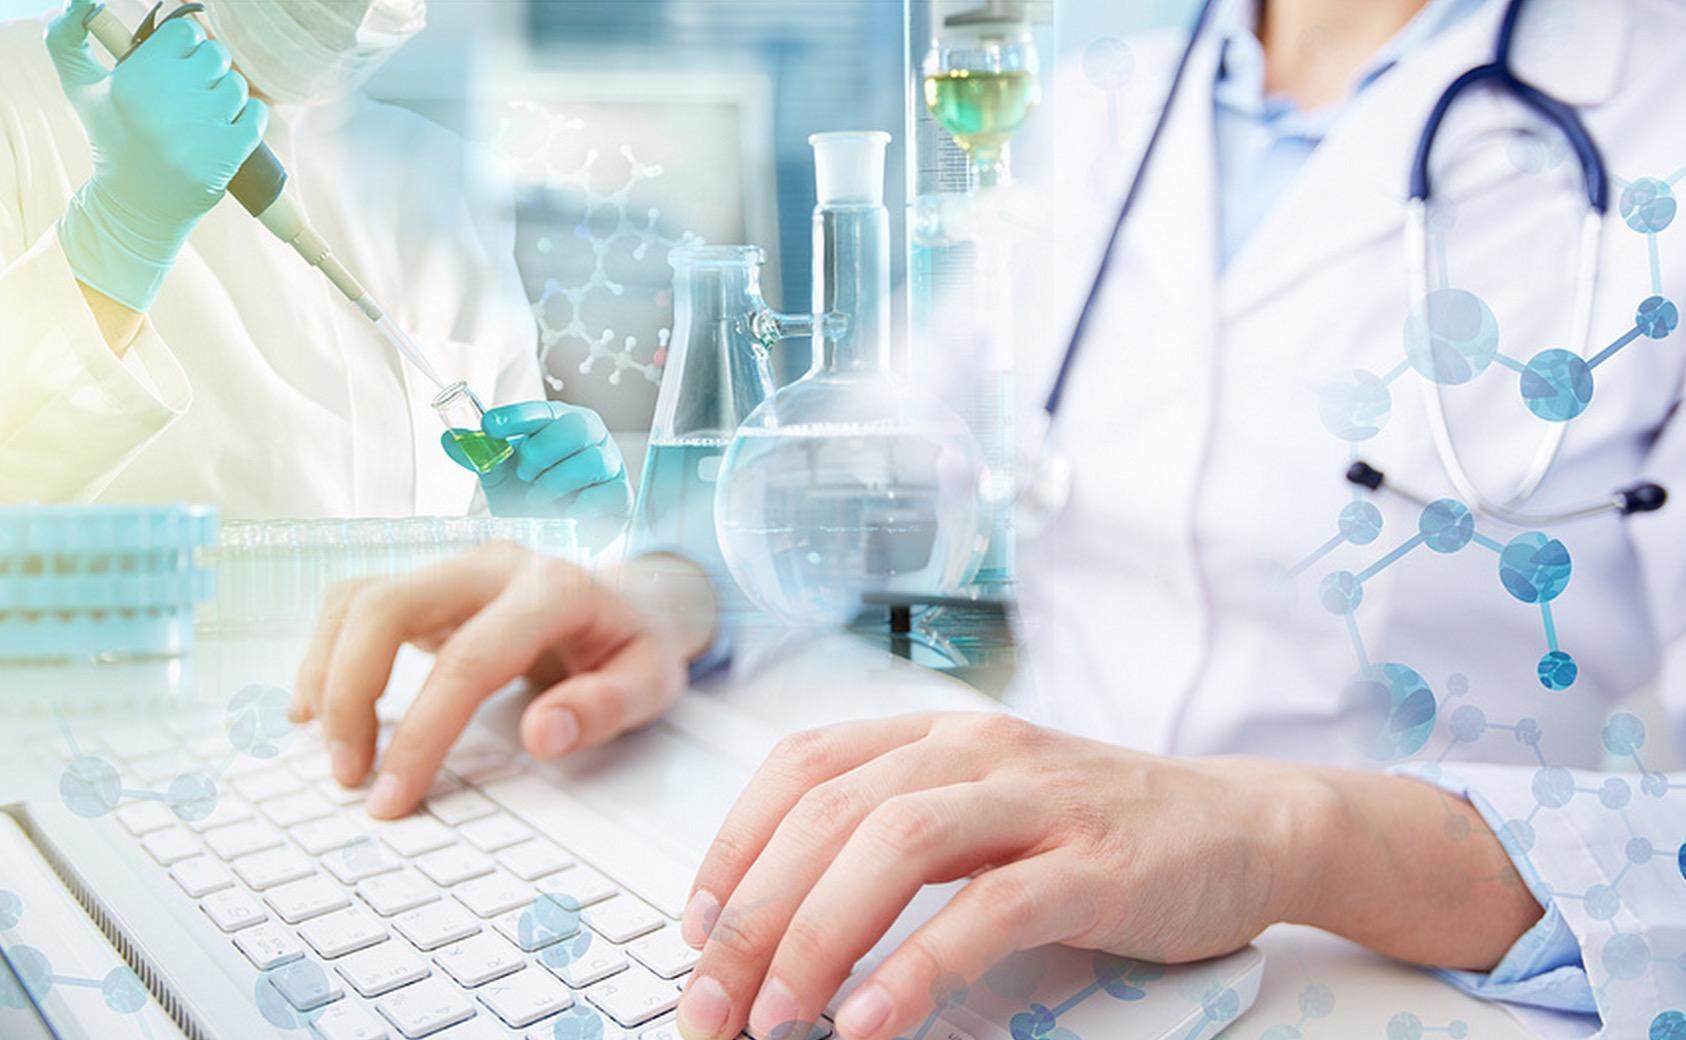 面对年报考人数400万的医考培训市场,金英杰如何抢占滩头